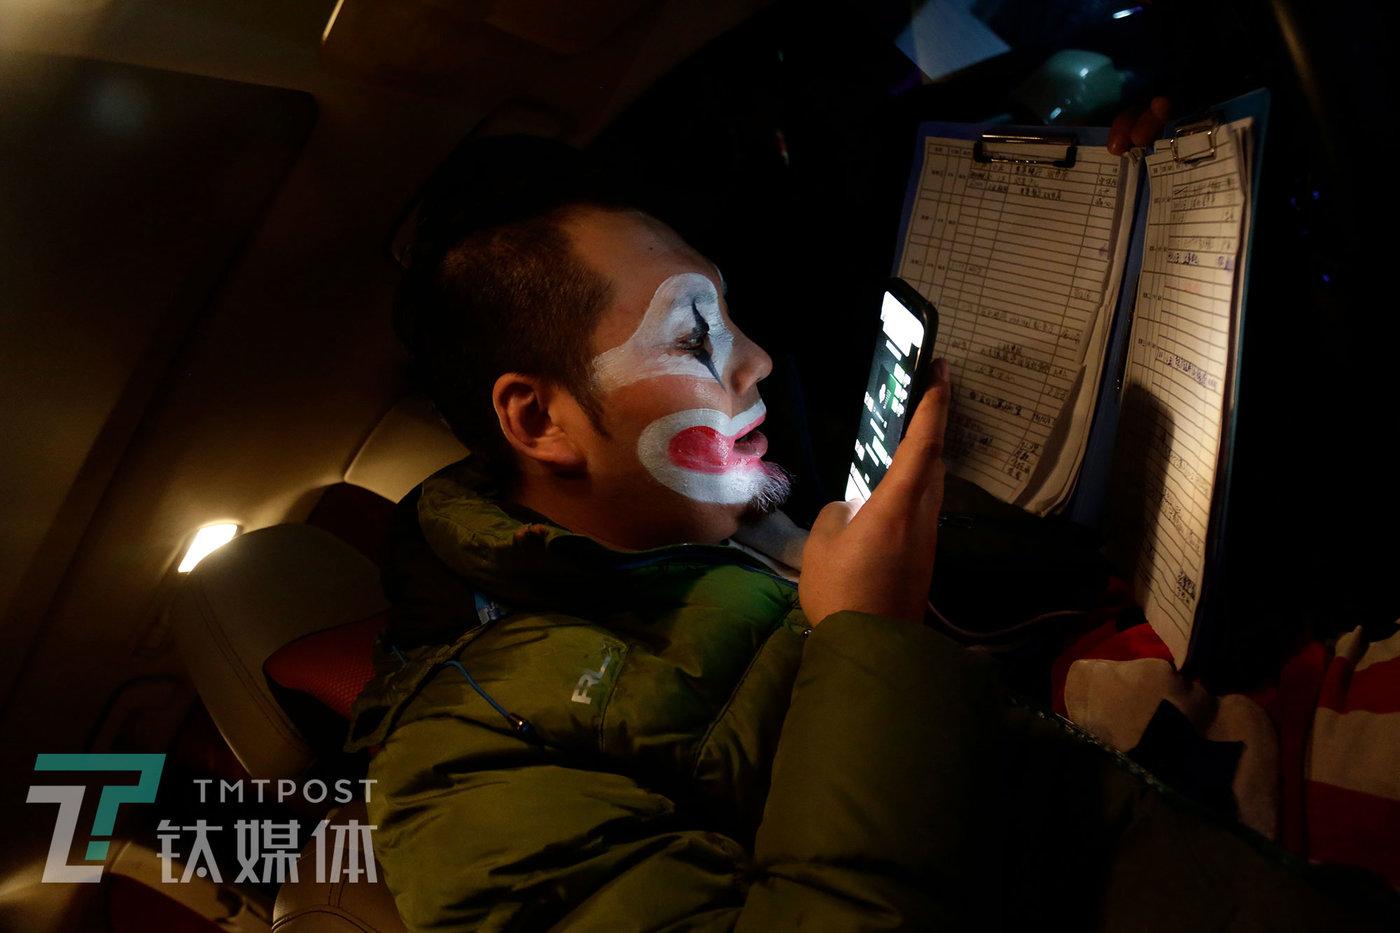 12月16日17:30,北京,一场表演结束后,阿绎在查看演出安排表,通过微信联系客户,准备驾车奔赴下一场表演。